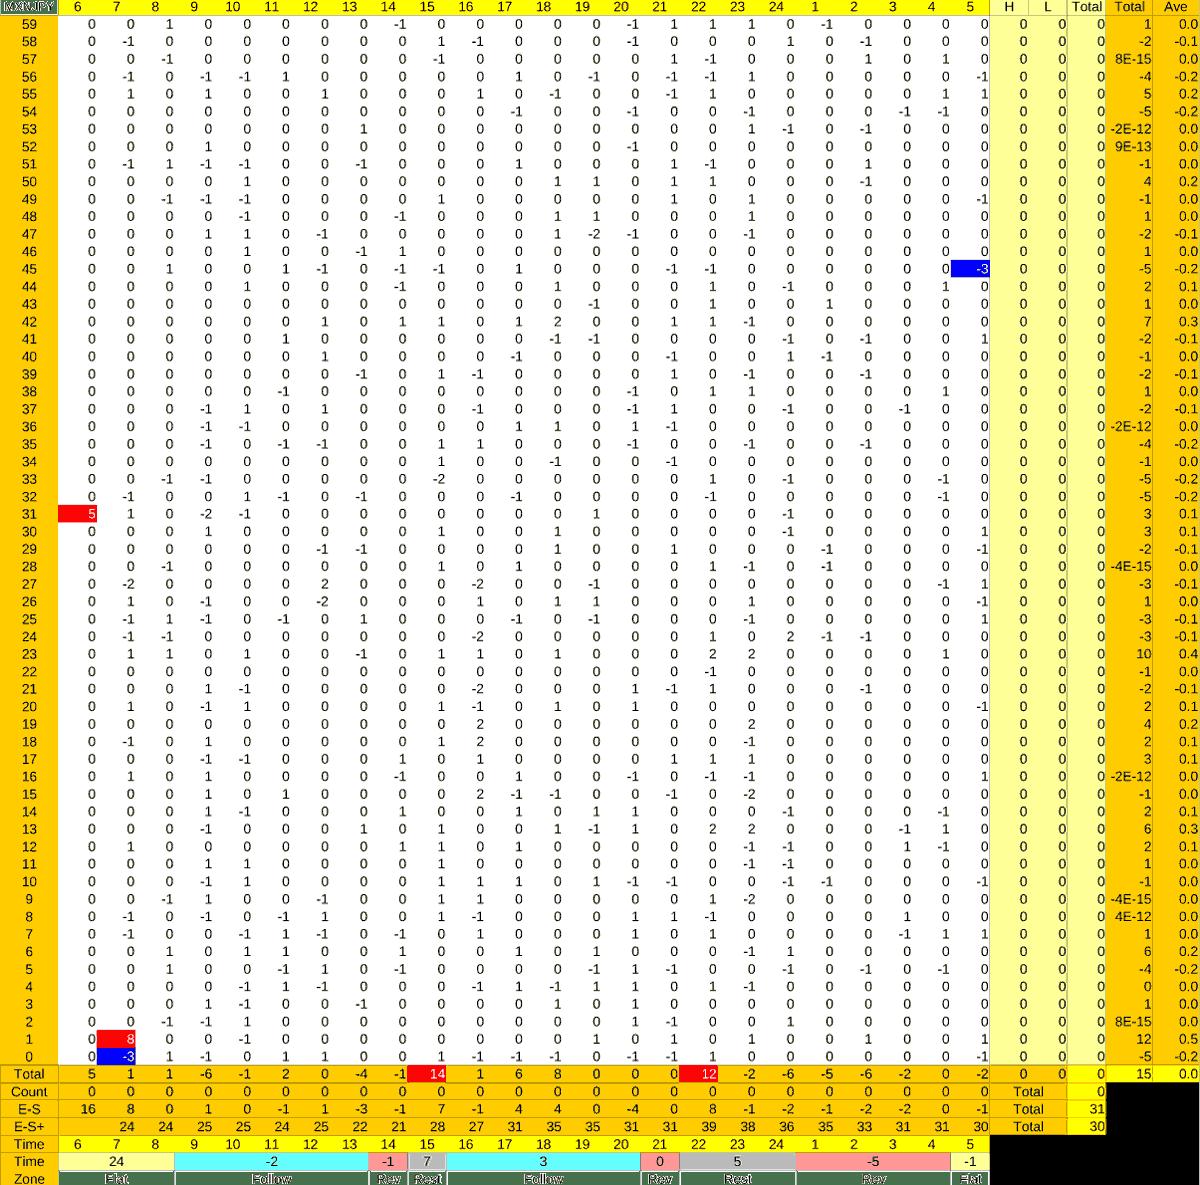 20210906_HS(3)MXNJPY-min